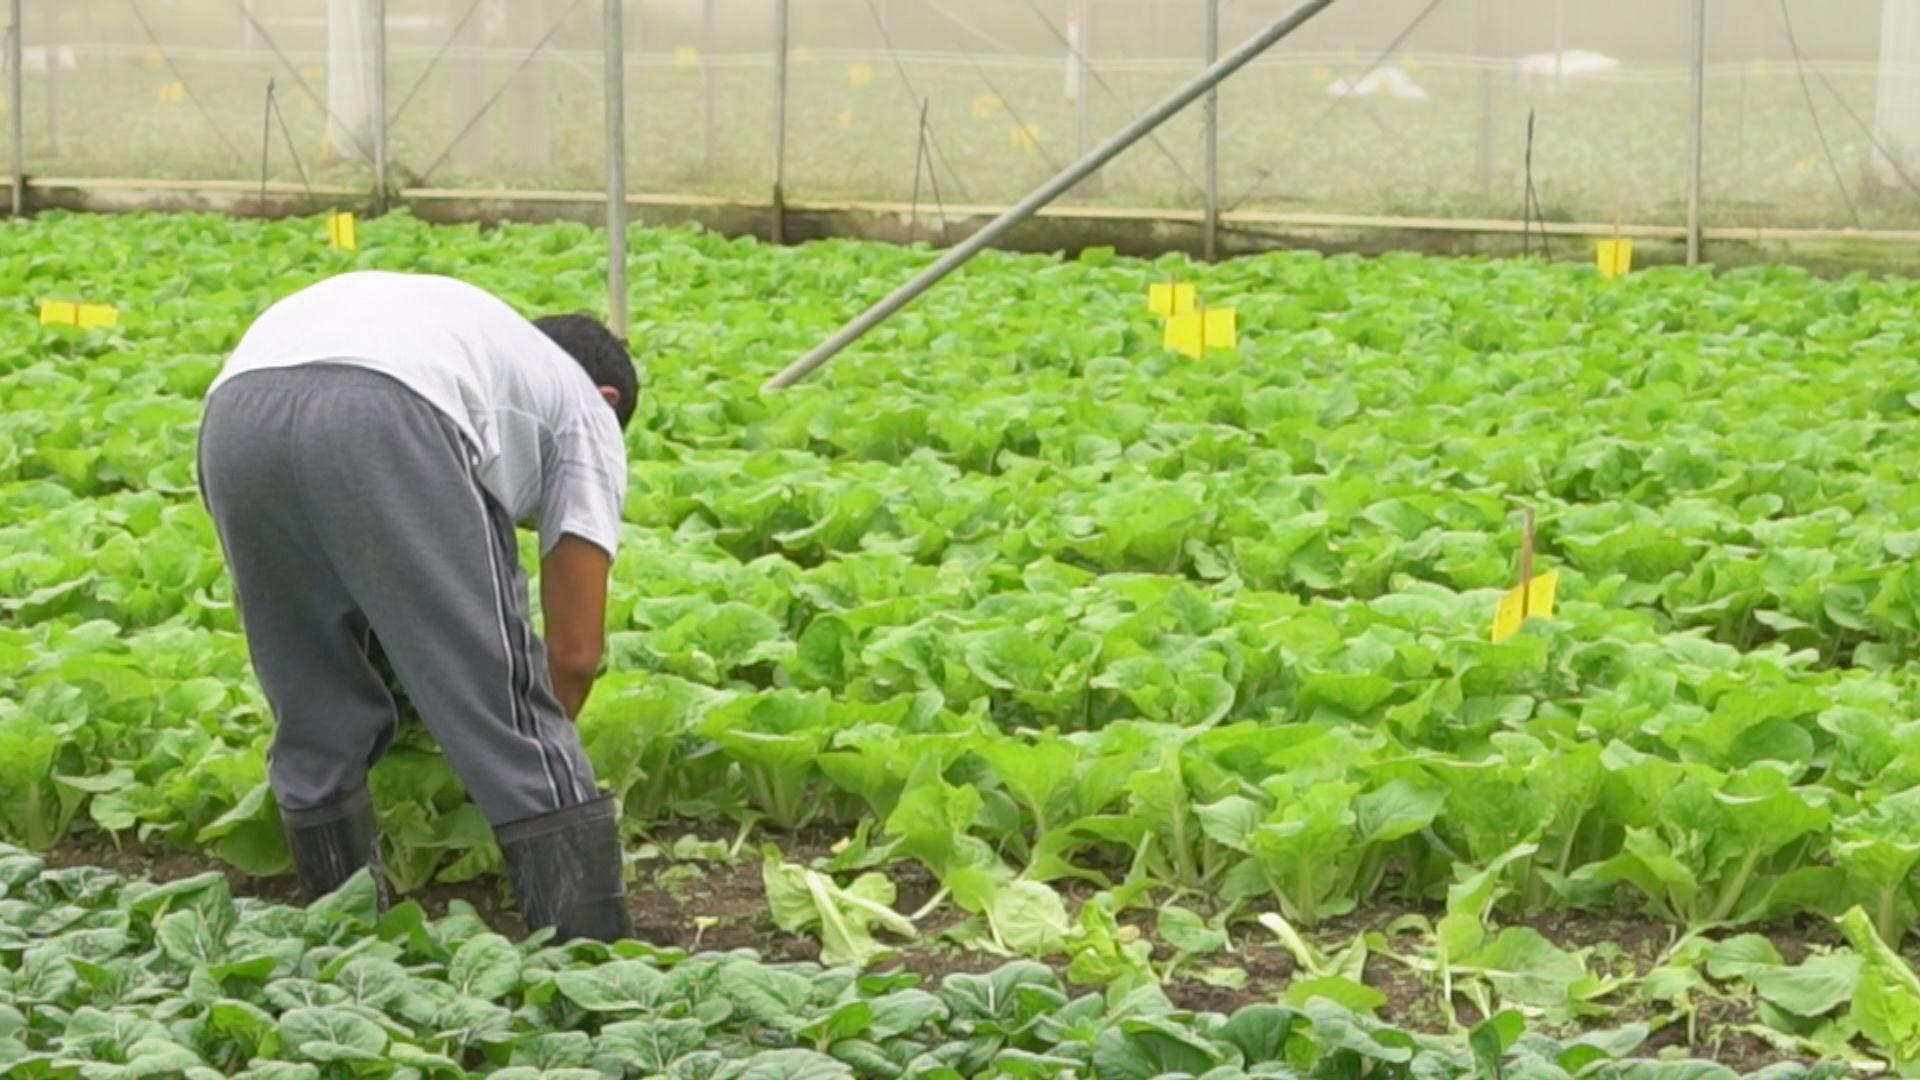 【灣區一分鐘】蔬菜和冰鮮禽肉供應靠惠州